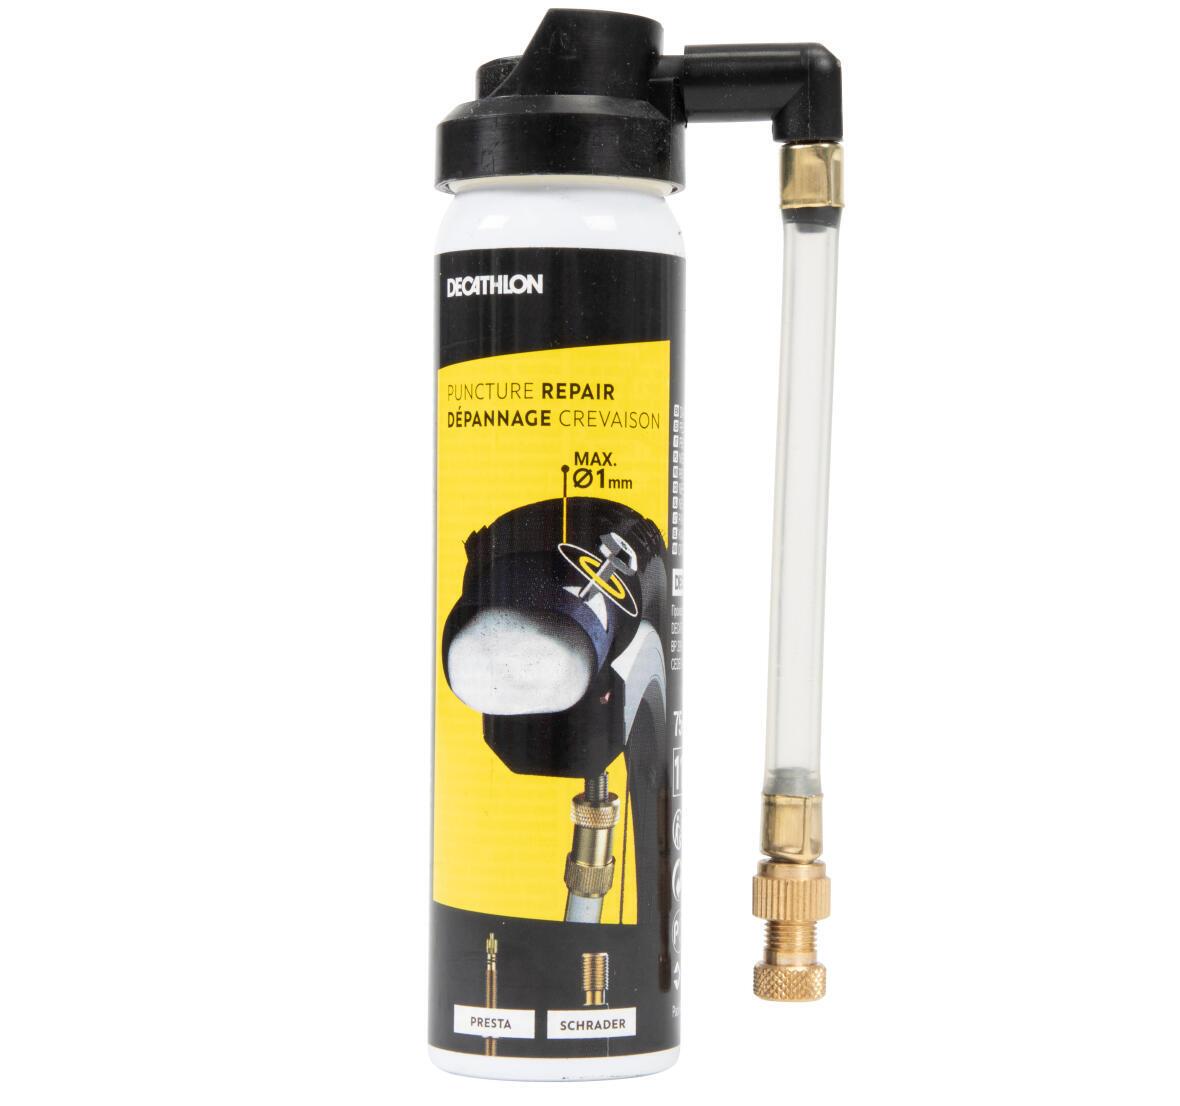 ROCKRIDER ST 100 MOUNTAIN BIKE compatible puncture repair spray